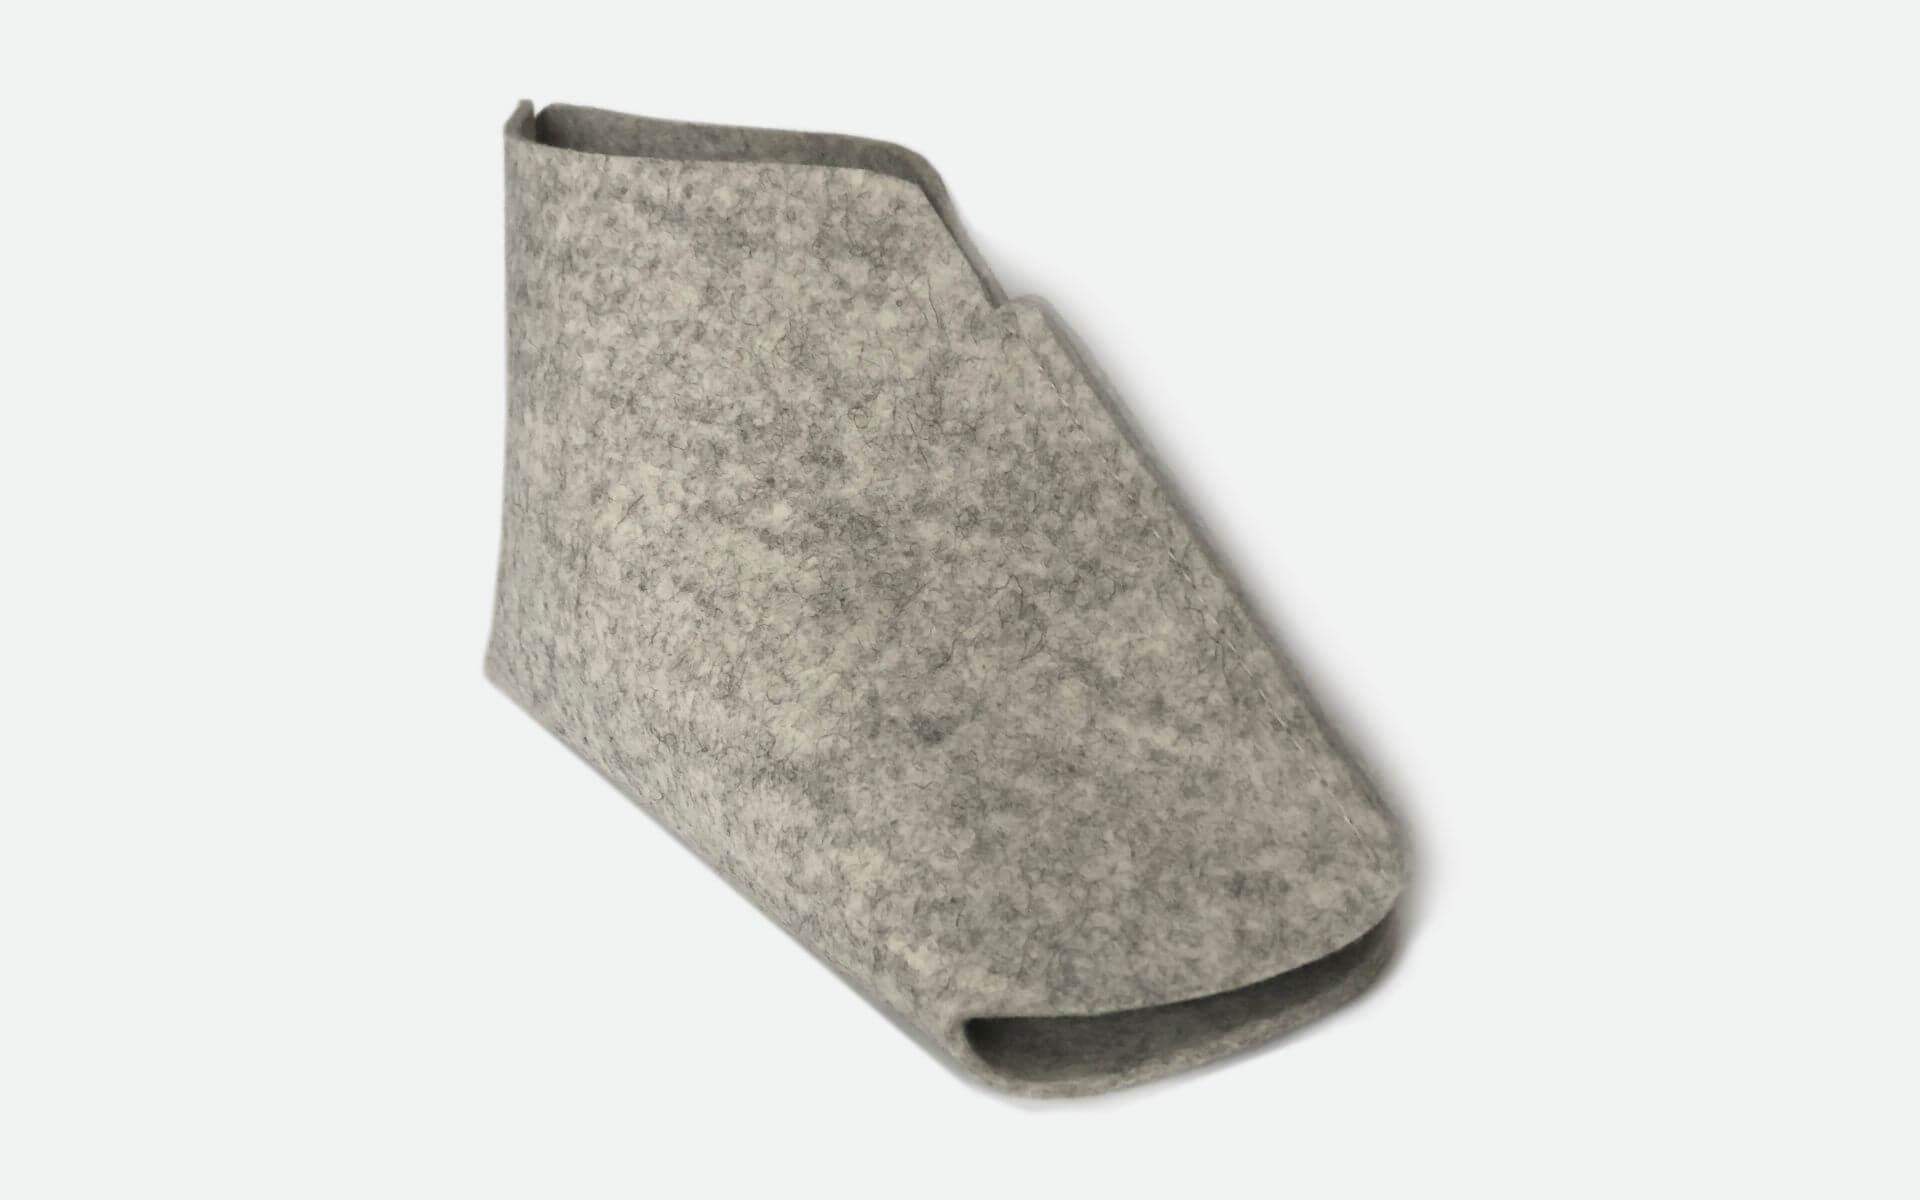 Jalatuubus – katab kogu labajala hüppeliigeseni, on otstes avatud, et tagada sobivus erinevatele jalasuurustele ning hilisem lihtne puhastatvus ja ladustamine